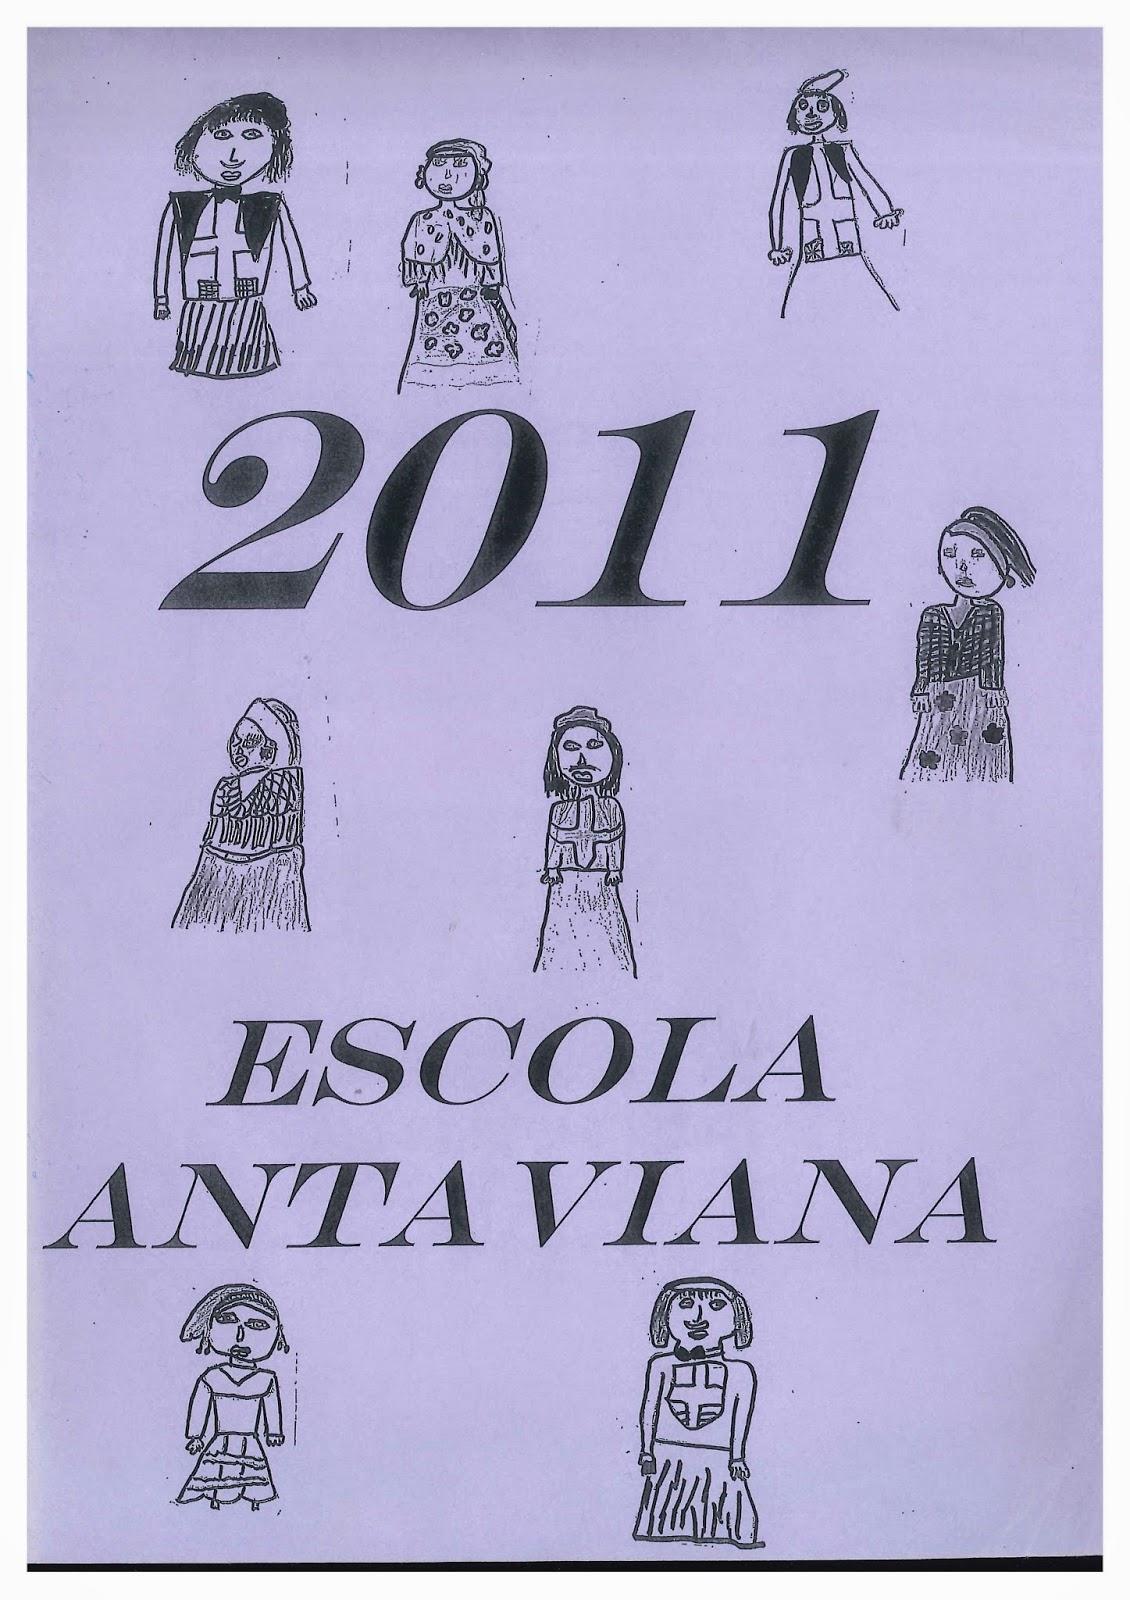 http://issuu.com/blocsdantaviana/docs/calendari_antaviana_2011_